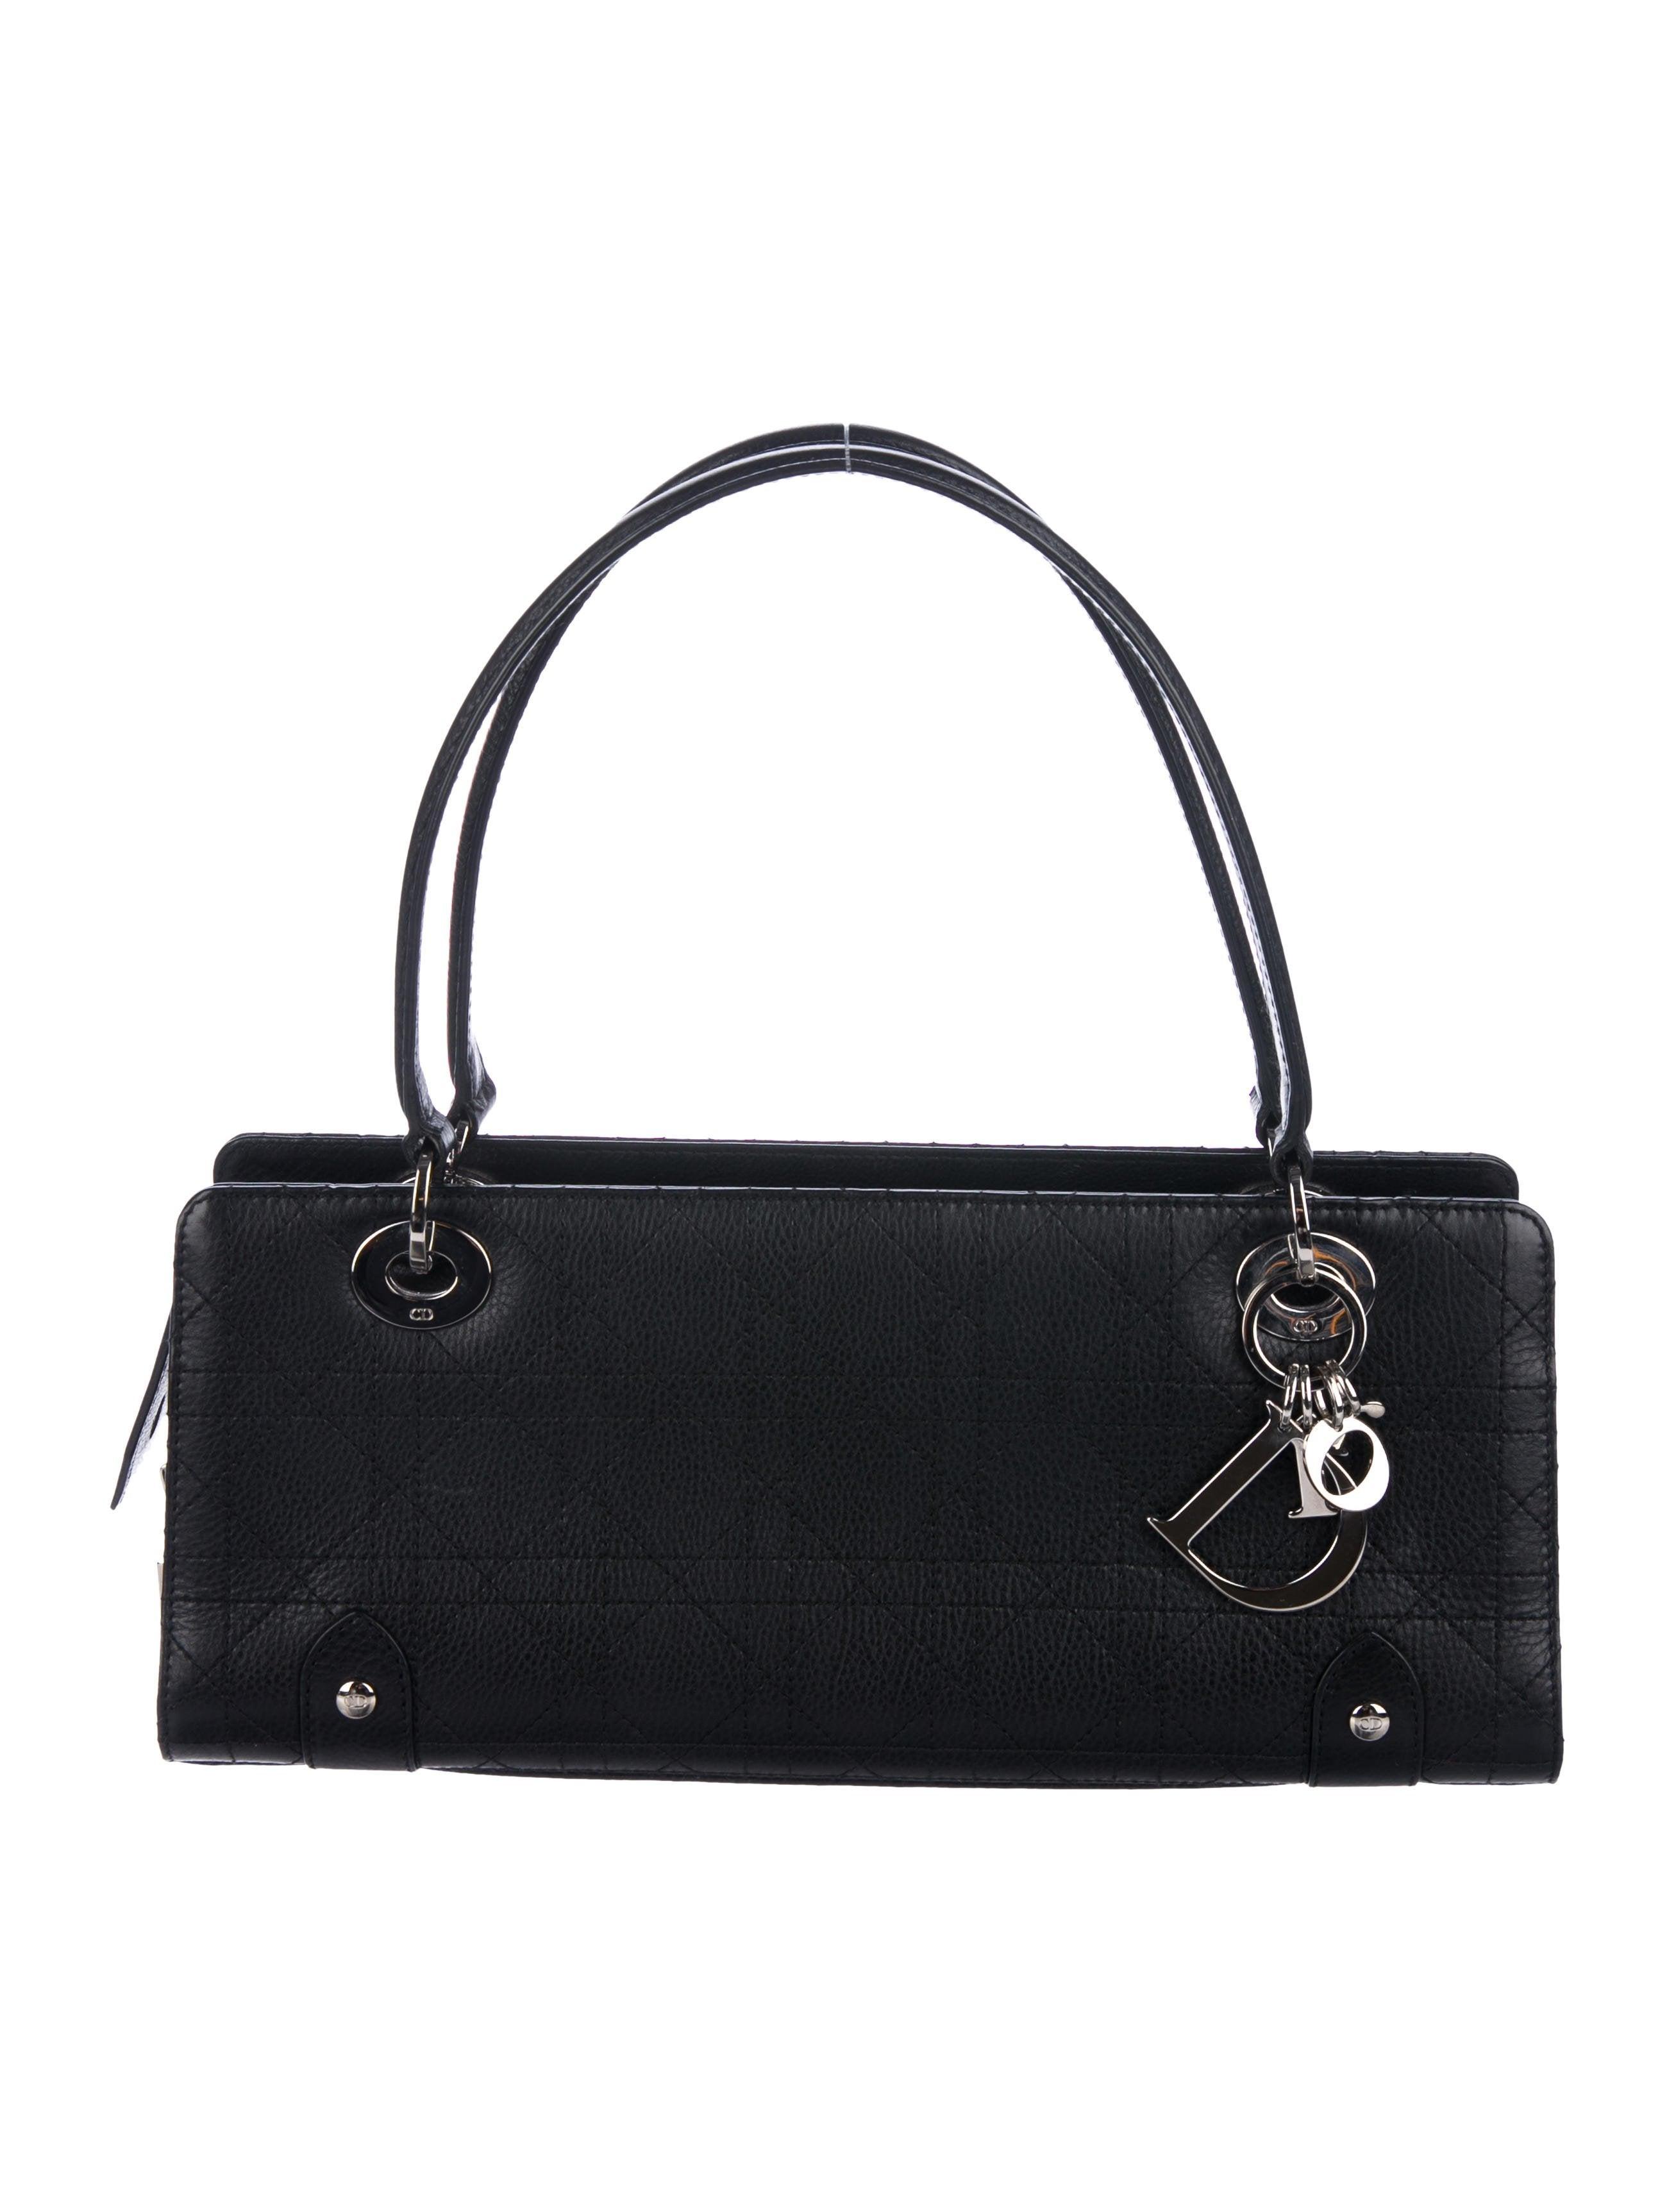 80dad0307855 Dior Dior Lady W Cannage Christian Bag E BdgBq   inspector ...